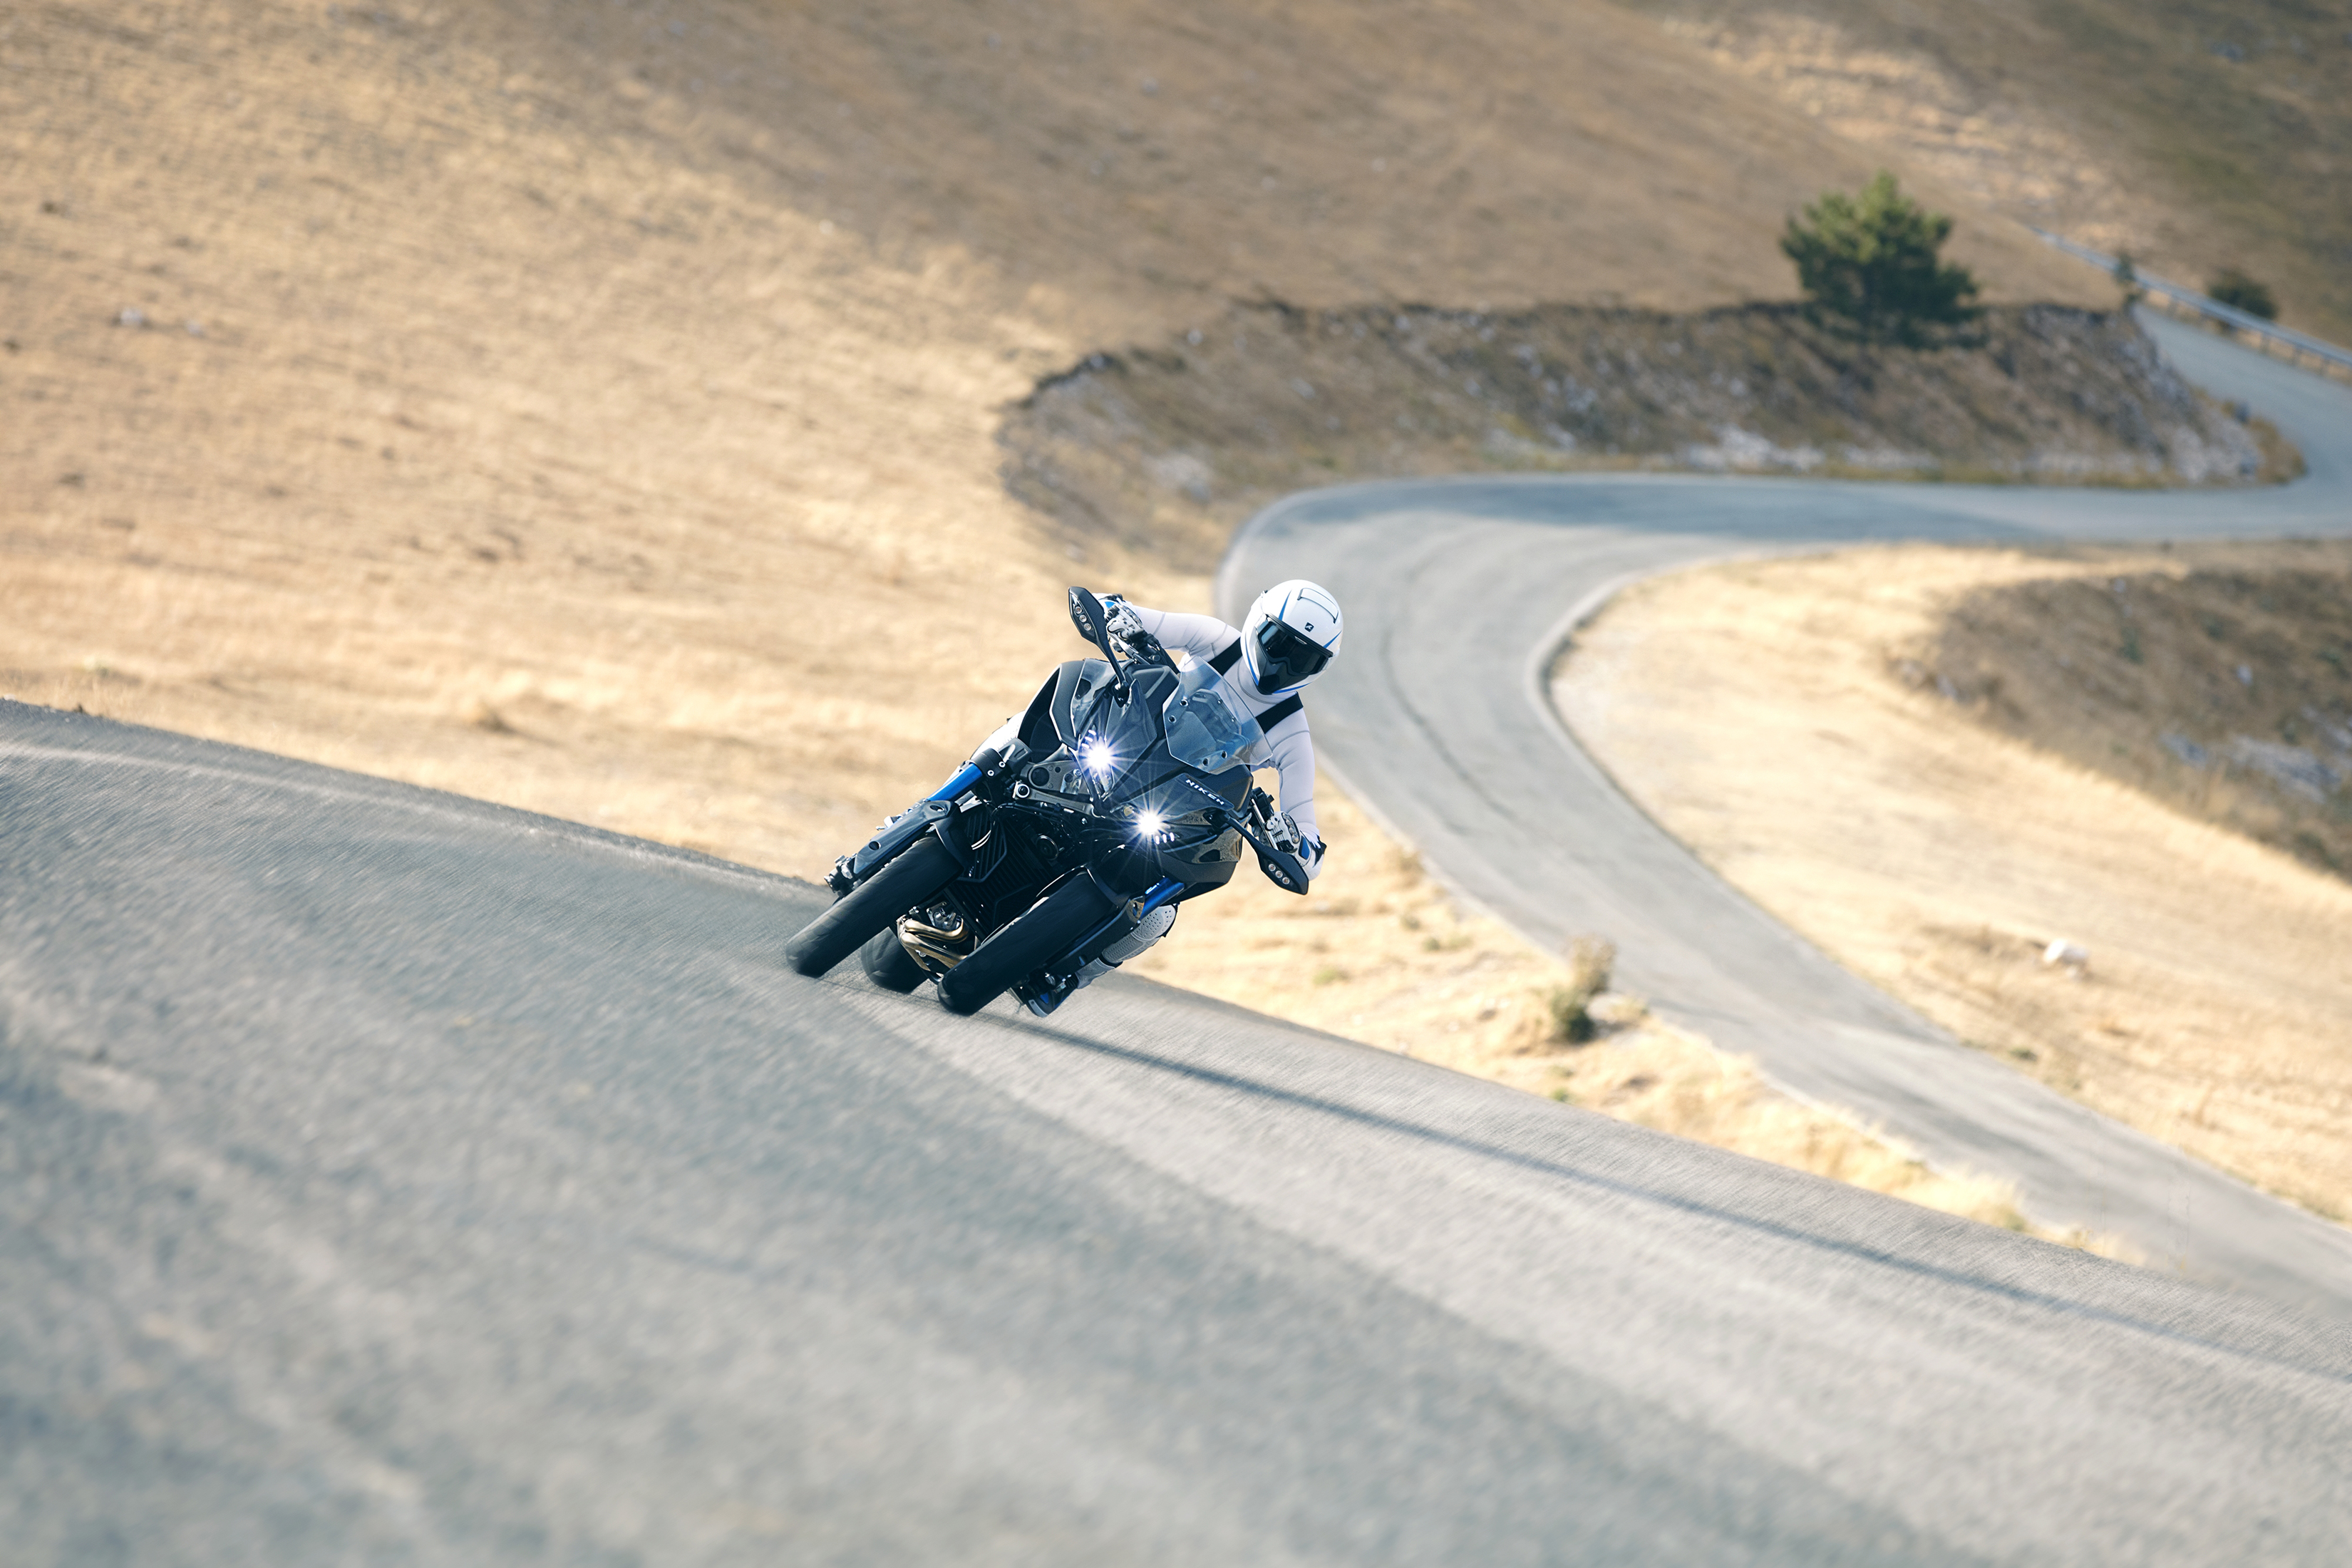 Фотография Ямаха 2018 Niken Мотоциклы едущий Мотоциклист Yamaha мотоцикл едет едущая Движение скорость